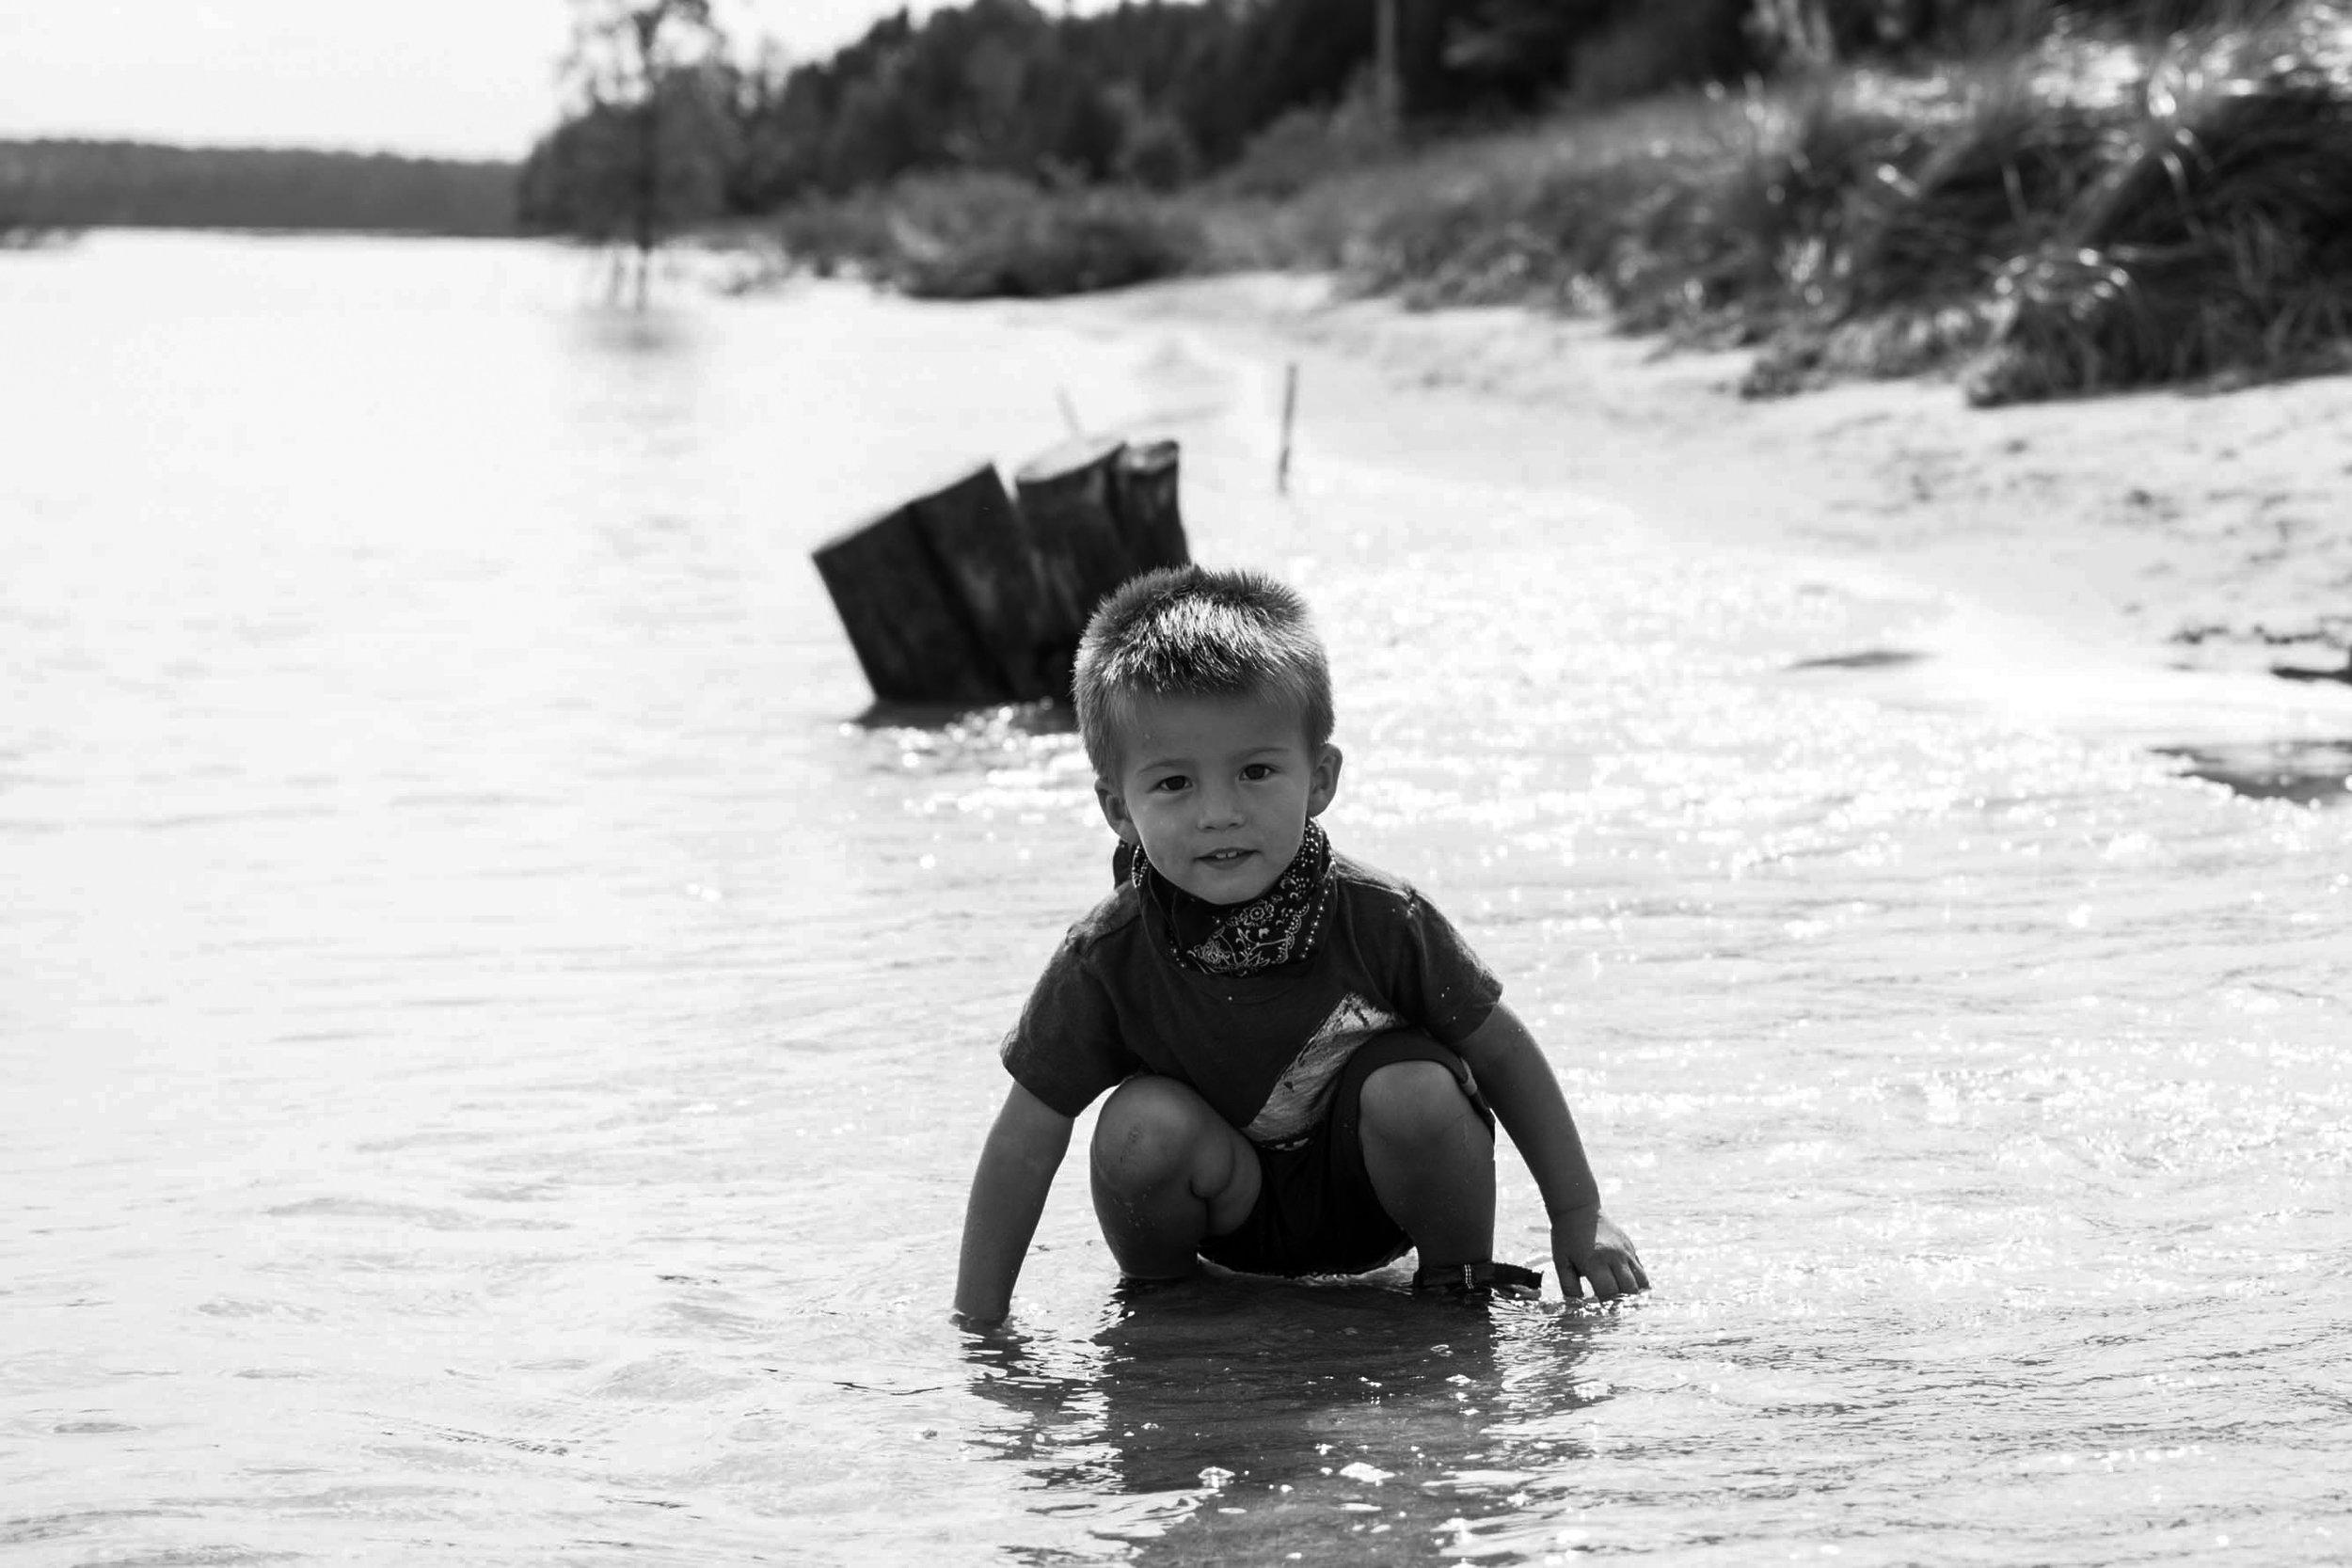 Boy in water on sandy beach